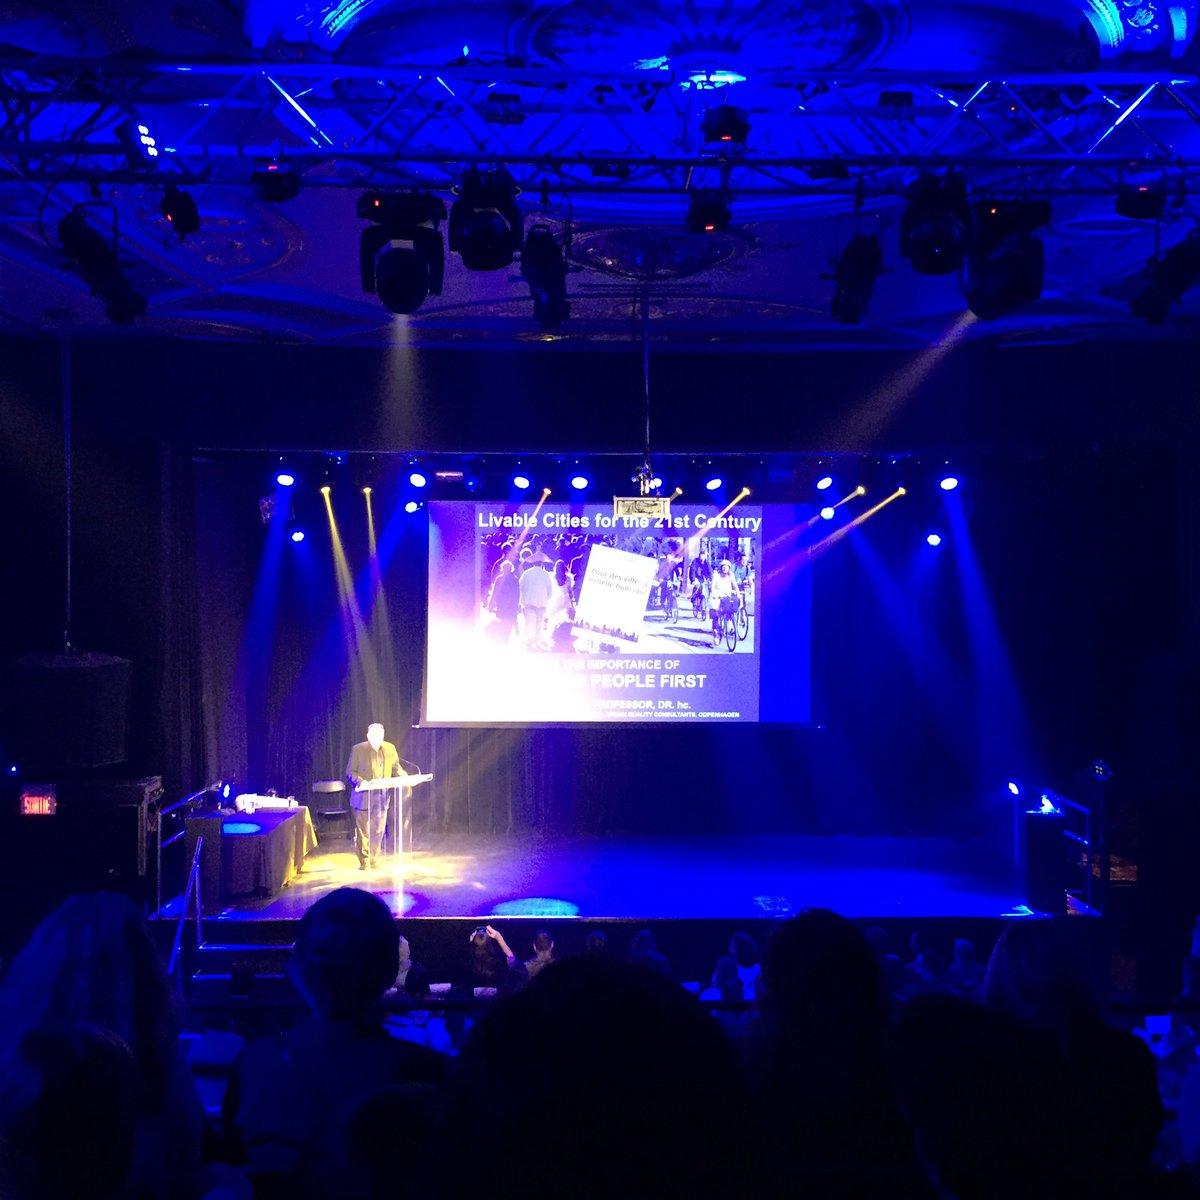 Jan Gehl on stage at the World Design Summit